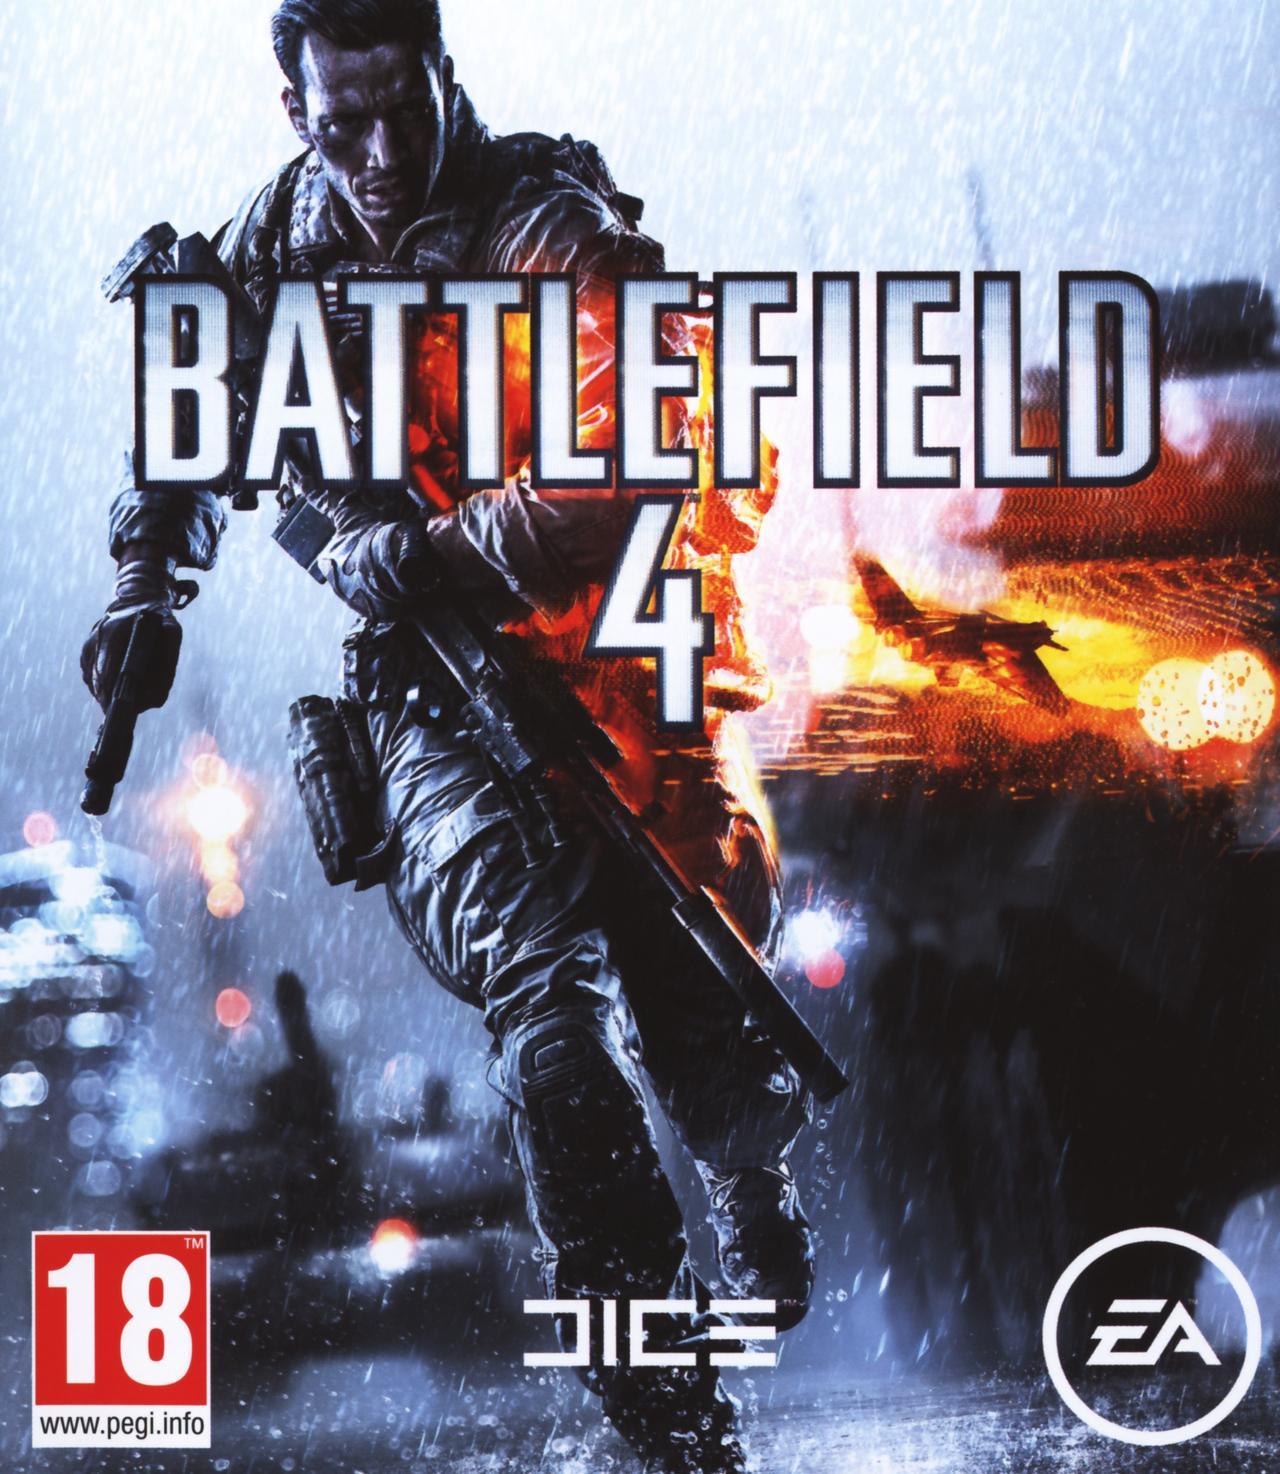 5 DLC Gratuits pour Battlefield 4 sur Xbox One / Xbox 360 / PS4 / PS3 & PC (Dématérialisés) - China Rising + Dragon's Teeth + Final Stand + Naval Strike + Second Assault